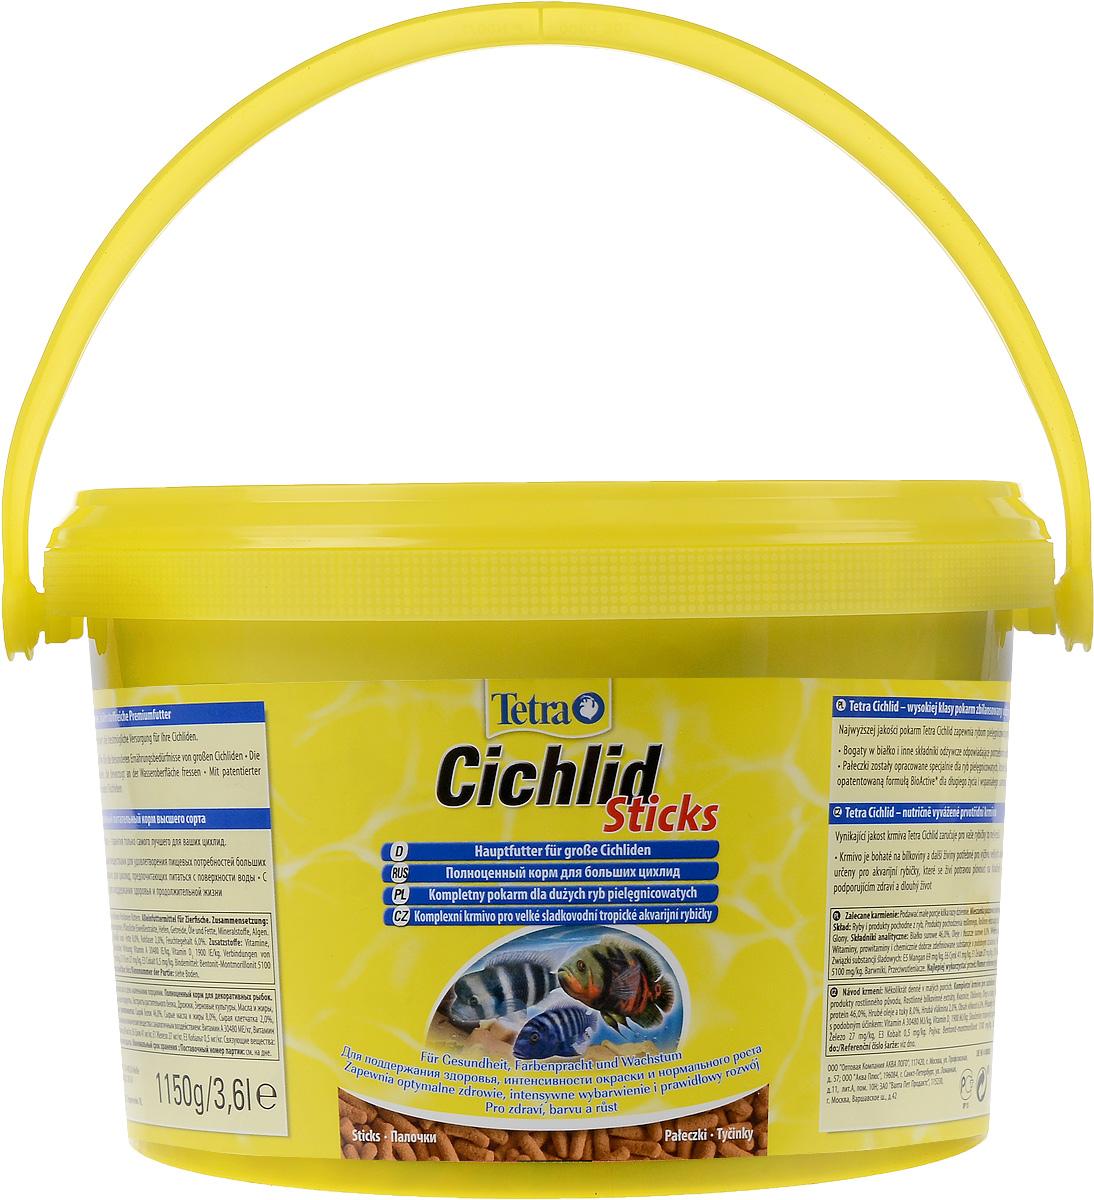 Корм сухой Tetra Cichlid. Sticks для больших цихлид, палочки, 3,6 л (1,15 кг)193802Корм Tetra Cichlid. Sticks - это биологически сбалансированный корм в виде палочек, предназначенный для больших цихлид. Корм богат белками и другими питательными веществами для удовлетворения пищевых потребностей больших цихлид,Палочки разработаны специально для цихлид, предпочитающих питаться с поверхности воды. Запатентованная формула BioActive поддерживает здоровую иммунную систему рыб. Рекомендации по кормлению: кормите не менее 2-3 раз в день в таком количестве, которое ваши рыбы могут съесть в течение нескольких минут.Состав: рыба и побочные рыбные продукты, растительные продукты, экстракты растительного белка, дрожжи, зерновые культуры, масла и жиры, водоросли, минеральные вещества. Аналитические компоненты: сырой белок - 46%, сырые масла и жиры - 8%, сырая клетчатка - 2%, влага - 6%. Добавки: витамины, провитамины и химические вещества с аналогичным воздействием, витамин А 30480 МЕ/кг, витамин Д3 1900 МЕ/кг. Комбинации элементов: Е5 Марганец 69 мг/кг, Е6 Цинк 41 мг/кг, Е1 Железо 27 мг/кг, Е3 Кобальт 0,5 мг/кг. Красители, антиоксиданты.Товар сертифицирован.